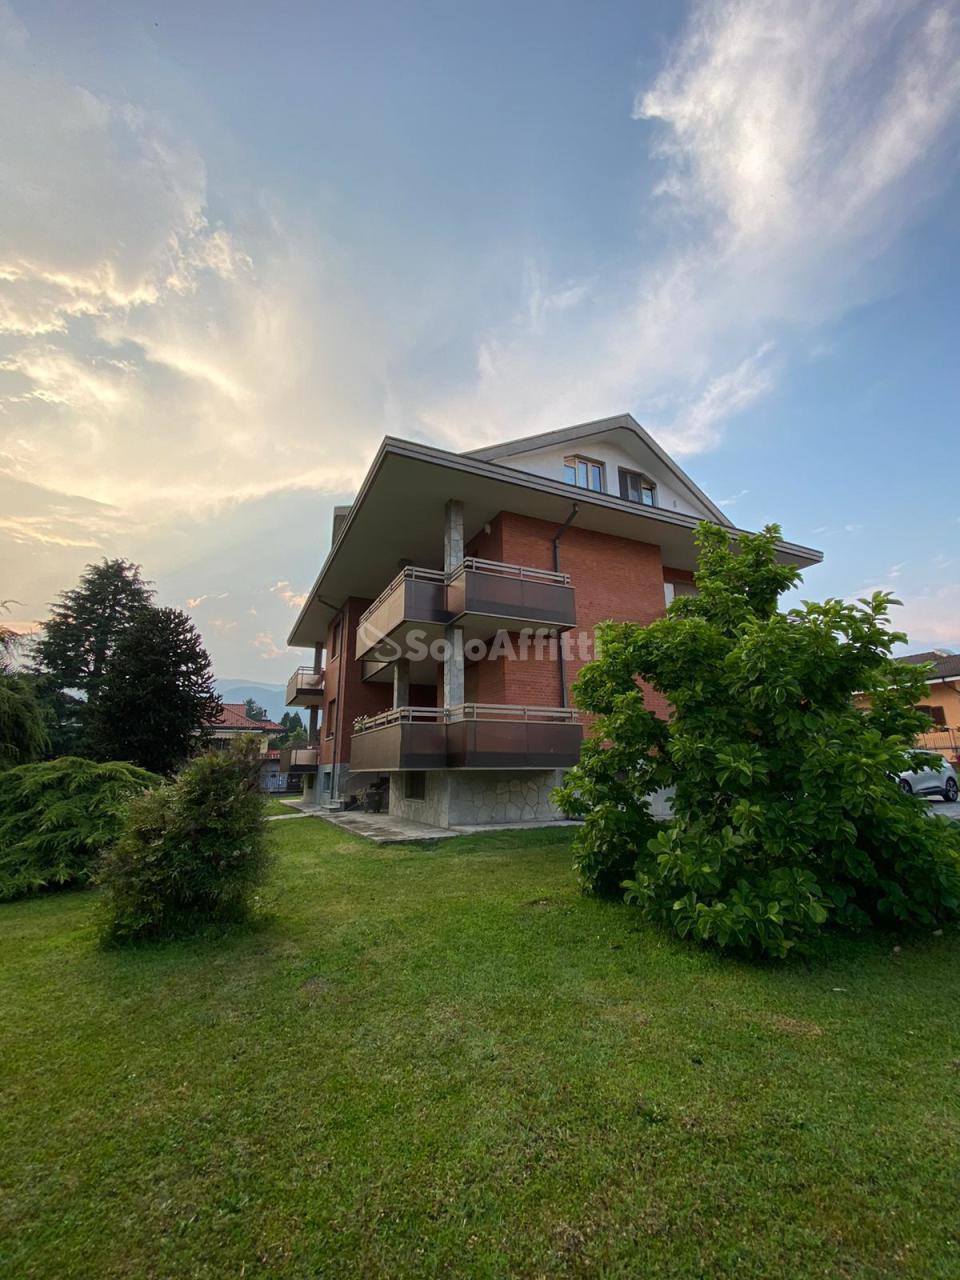 Appartamento in affitto a Giaveno, 3 locali, prezzo € 450 | PortaleAgenzieImmobiliari.it